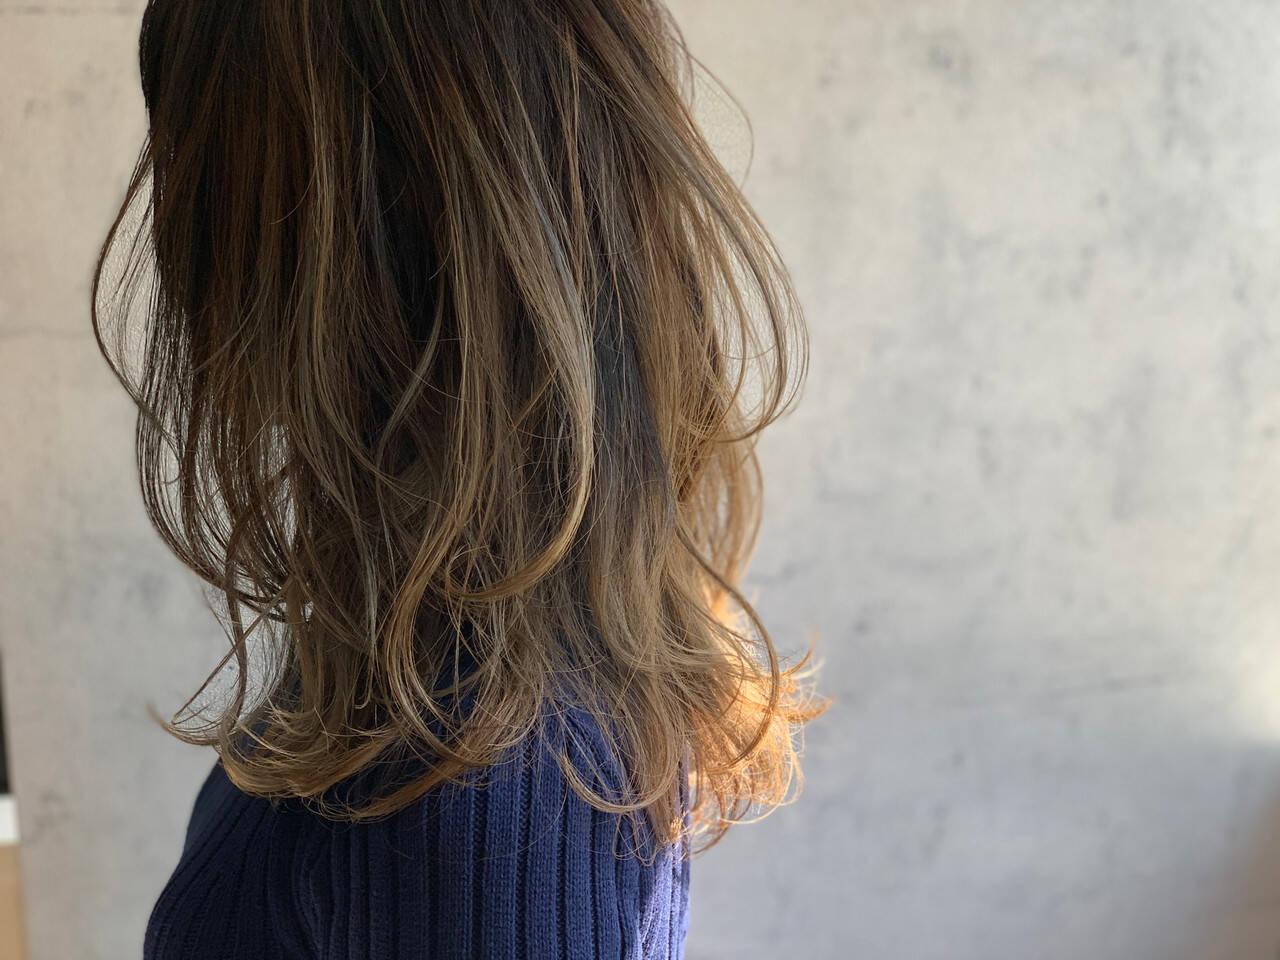 ミルクティーブラウン エレガント ミルクティーグレージュ ミルクティーアッシュヘアスタイルや髪型の写真・画像